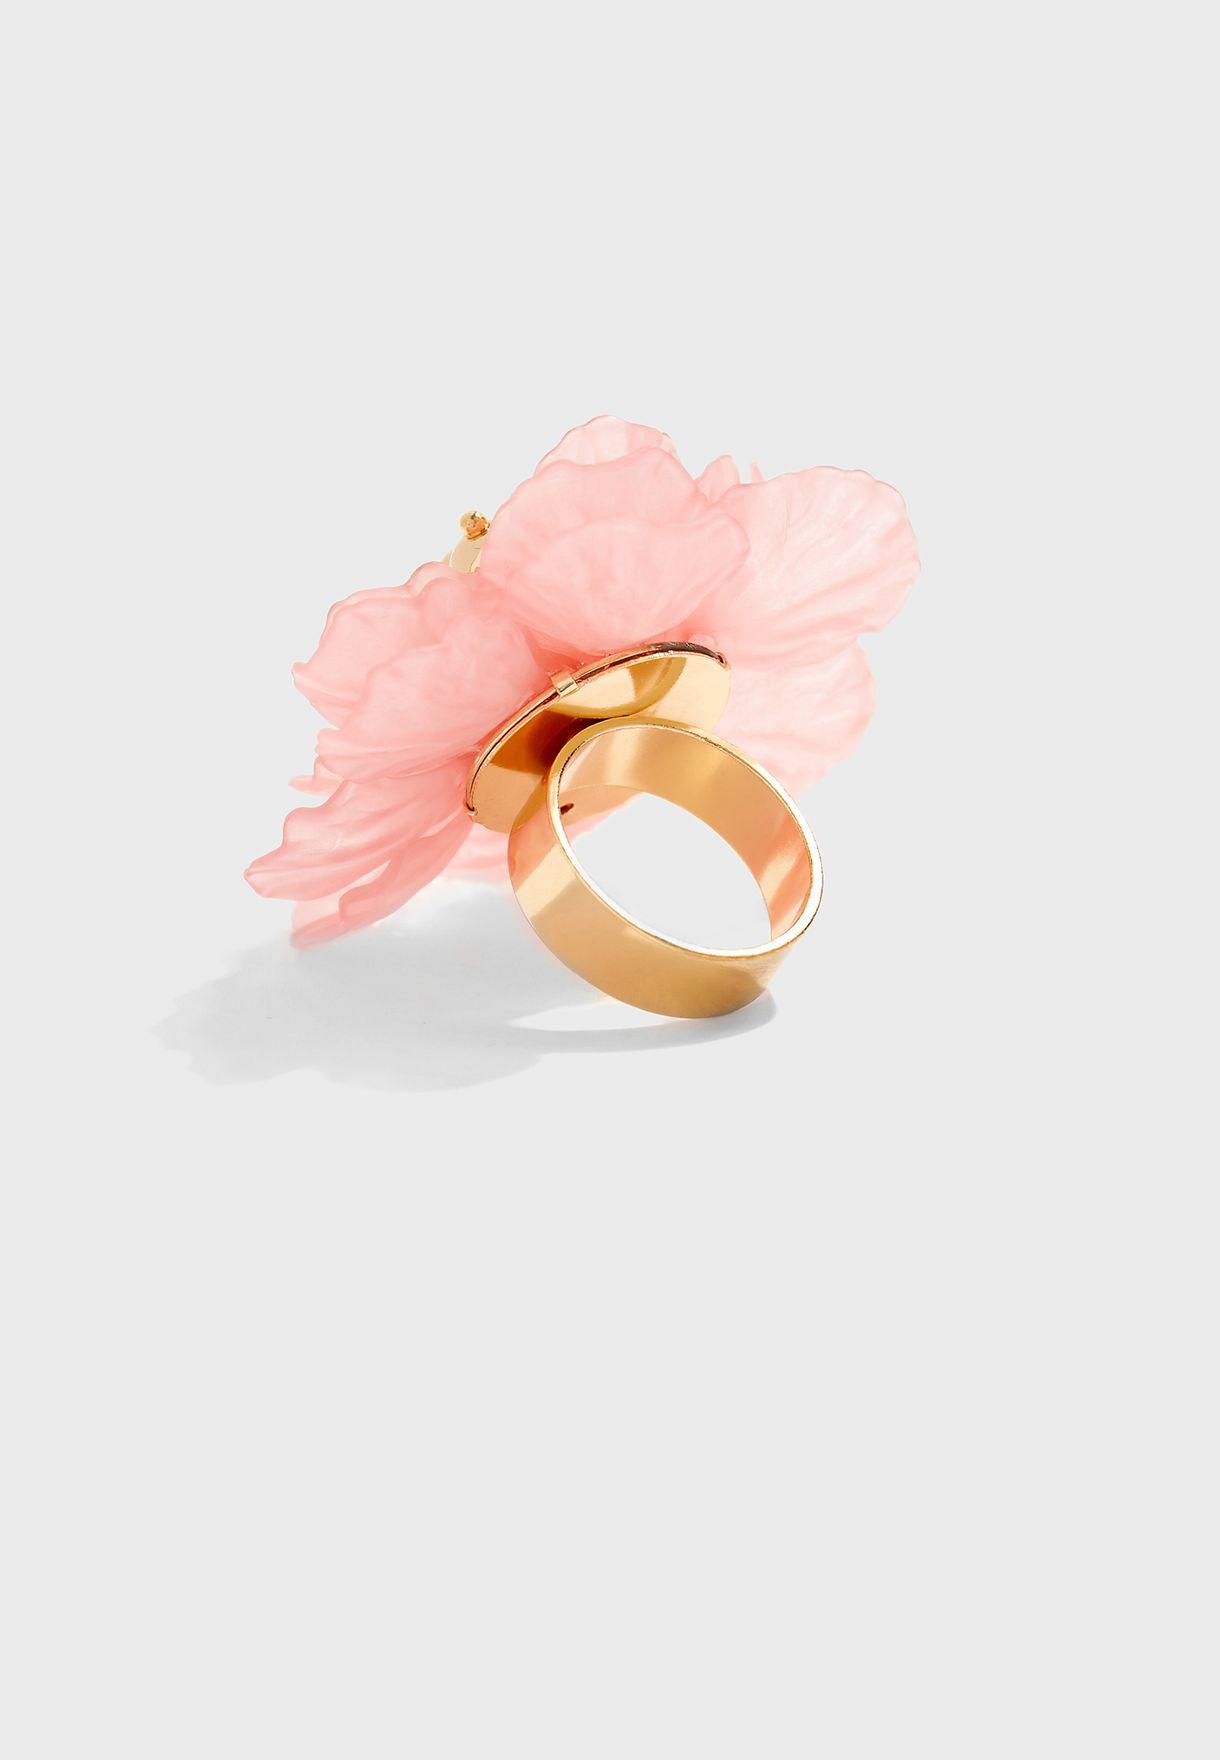 خاتم وردة كبير